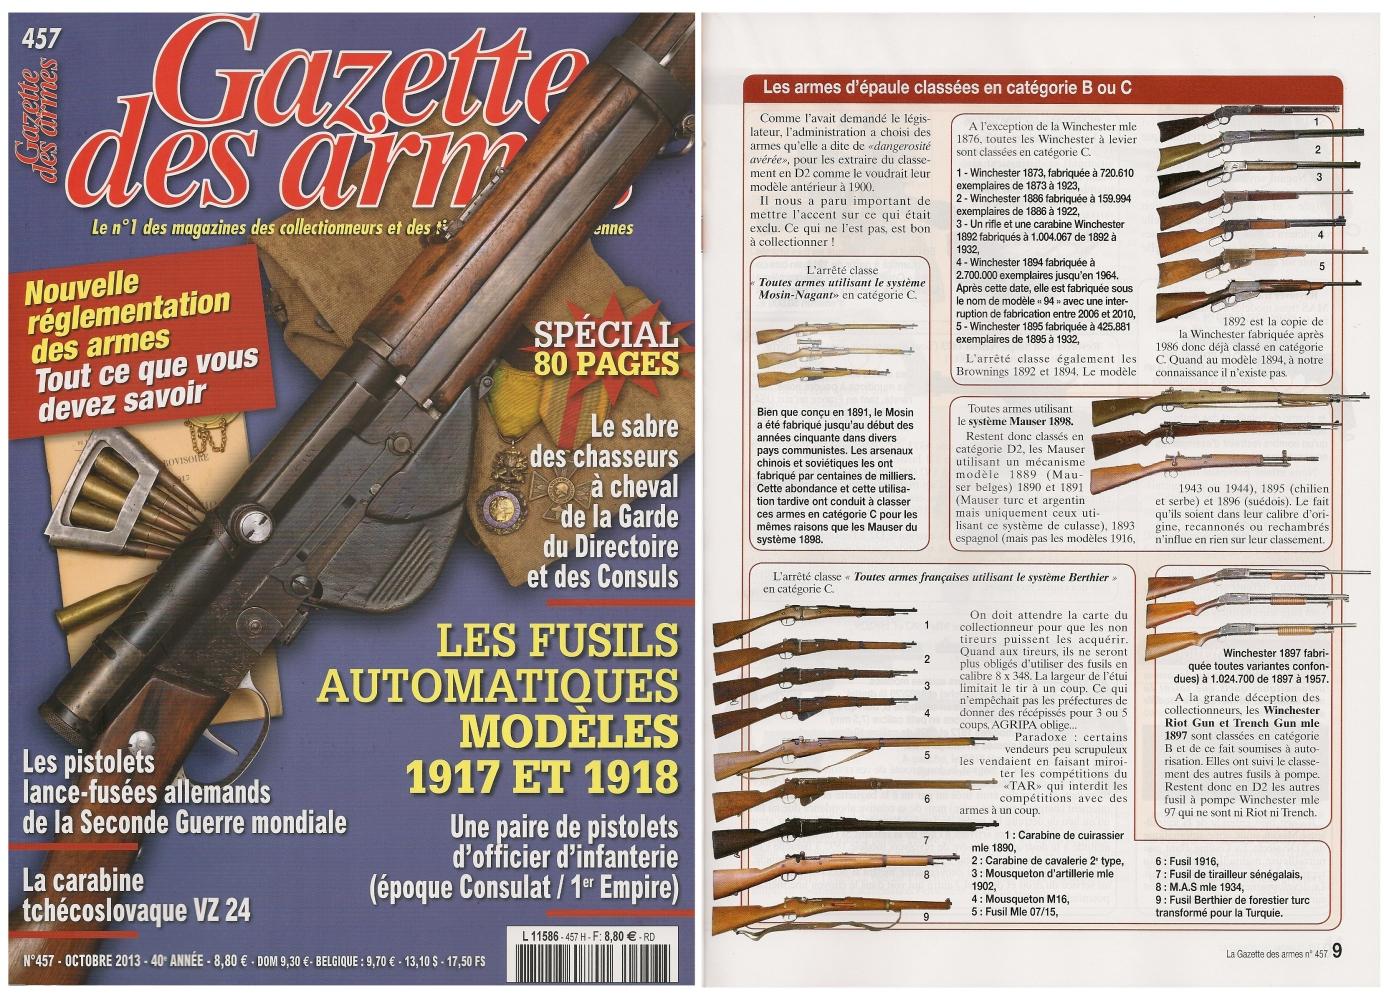 La nouvelle réglementation des armes a fait l'objet d'un article publié sur 10 pages dans le magazine mensuel Gazette des Armes n° 457 (octobre 2013)